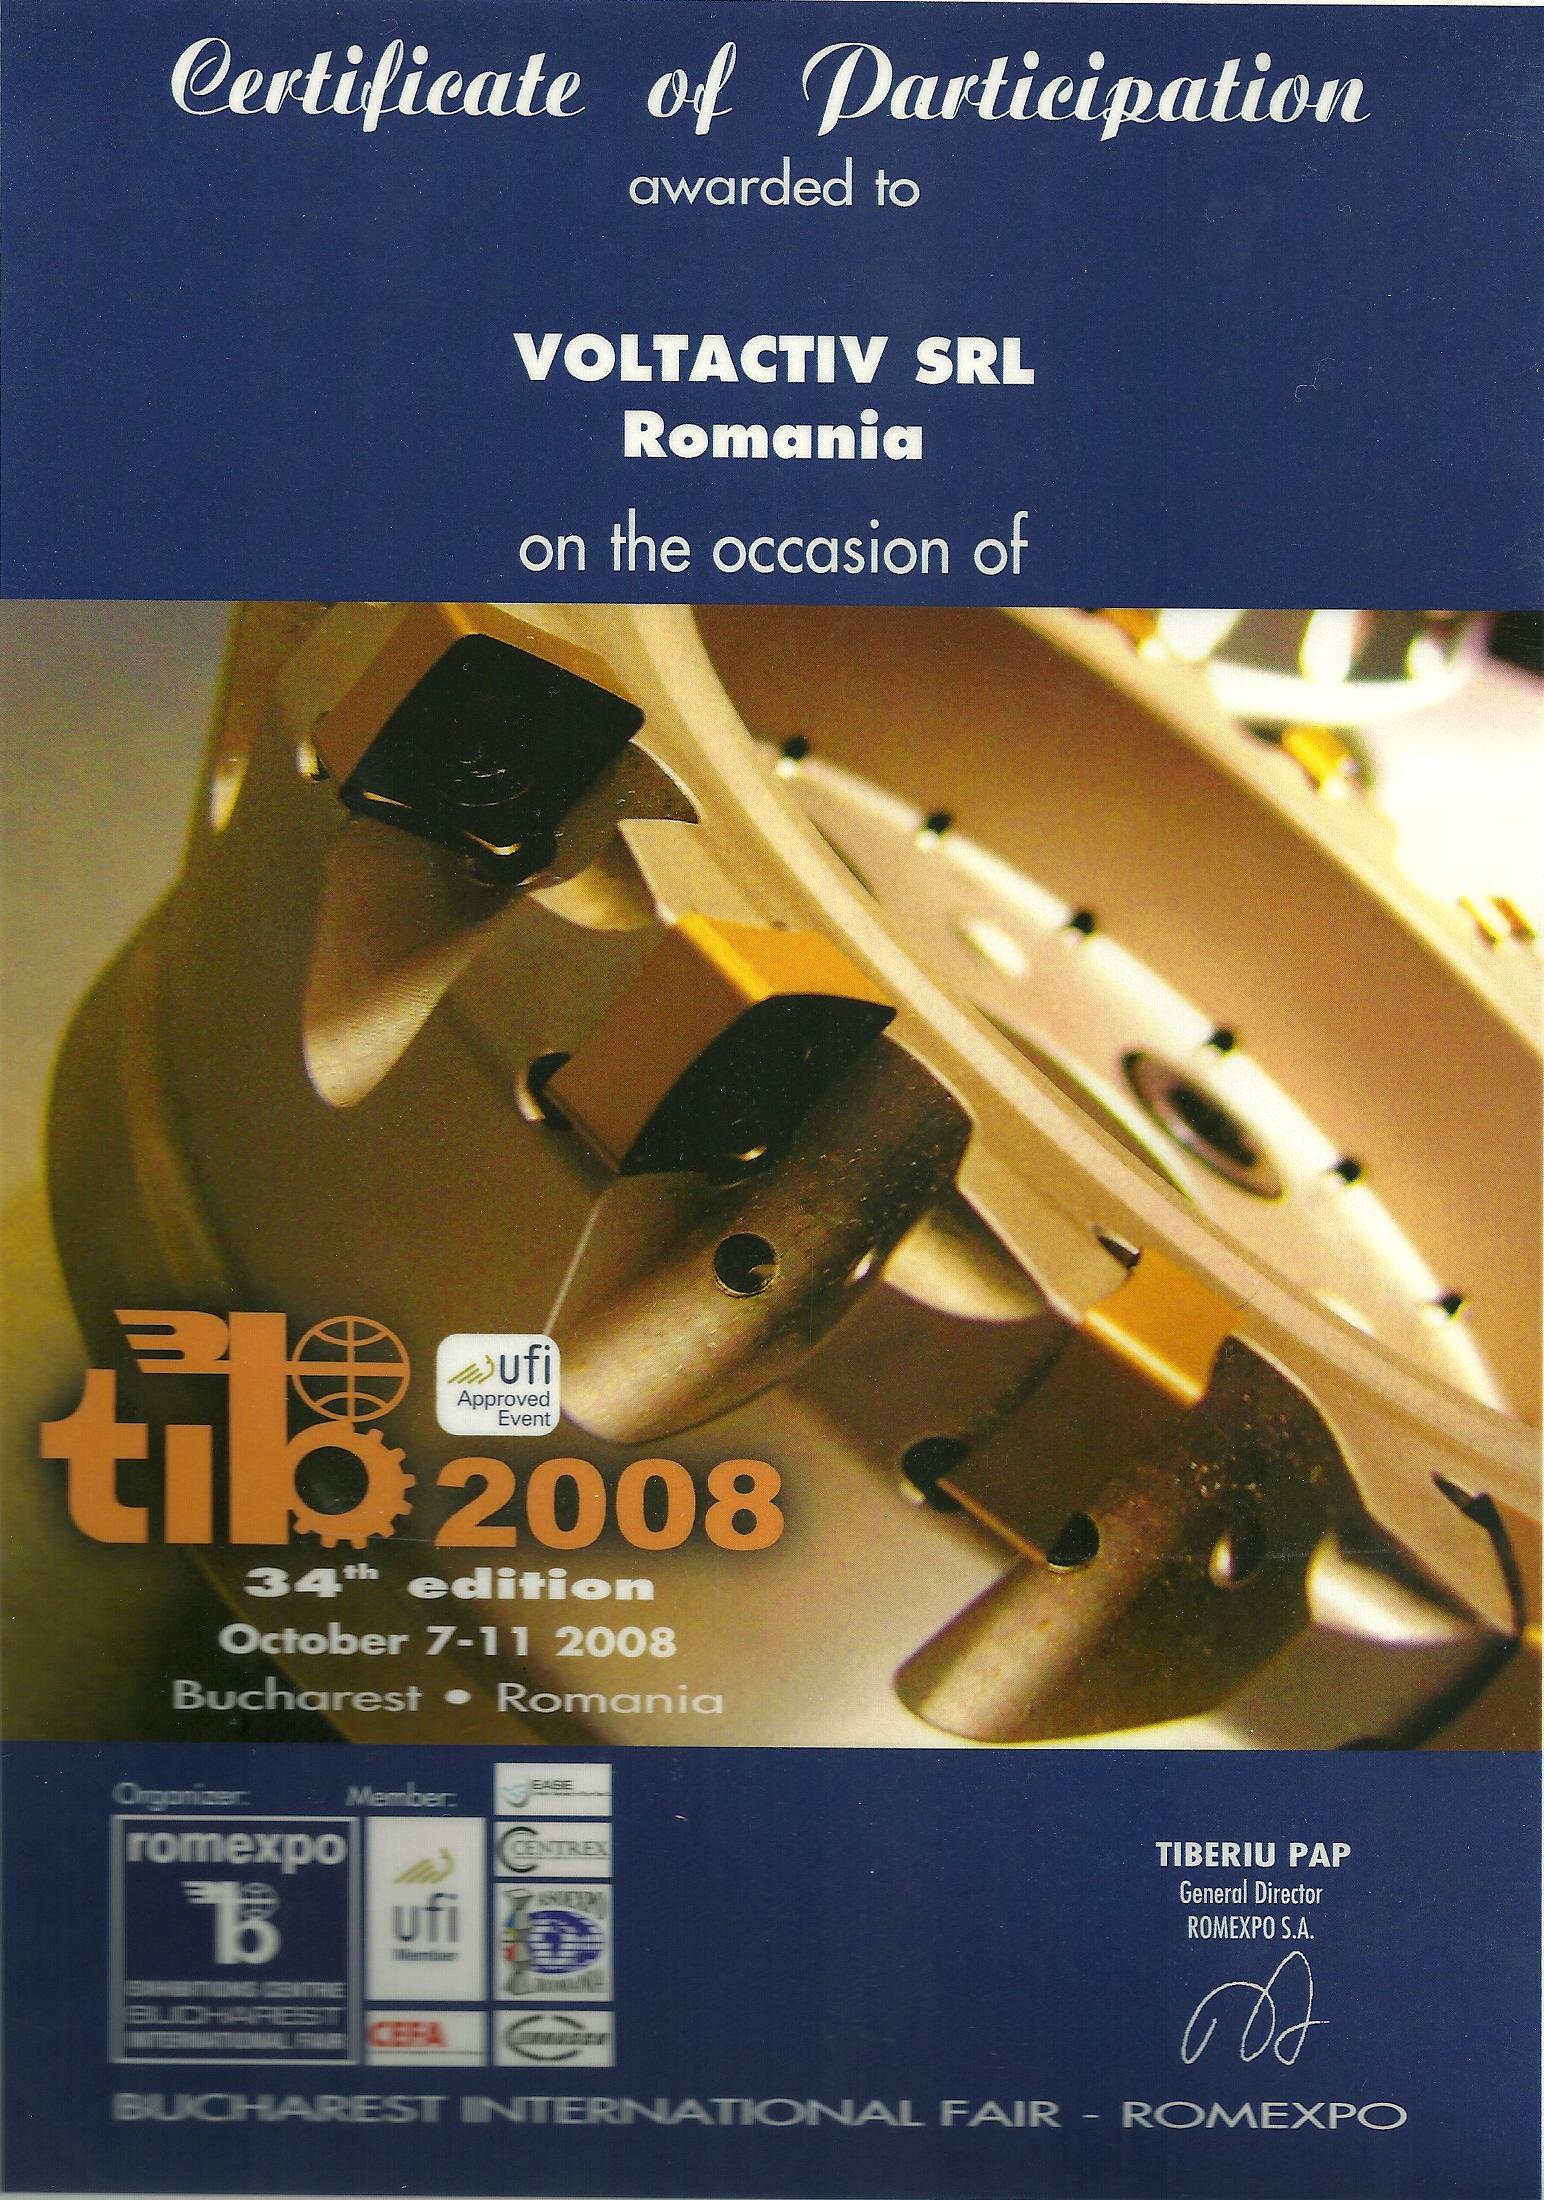 tib2008